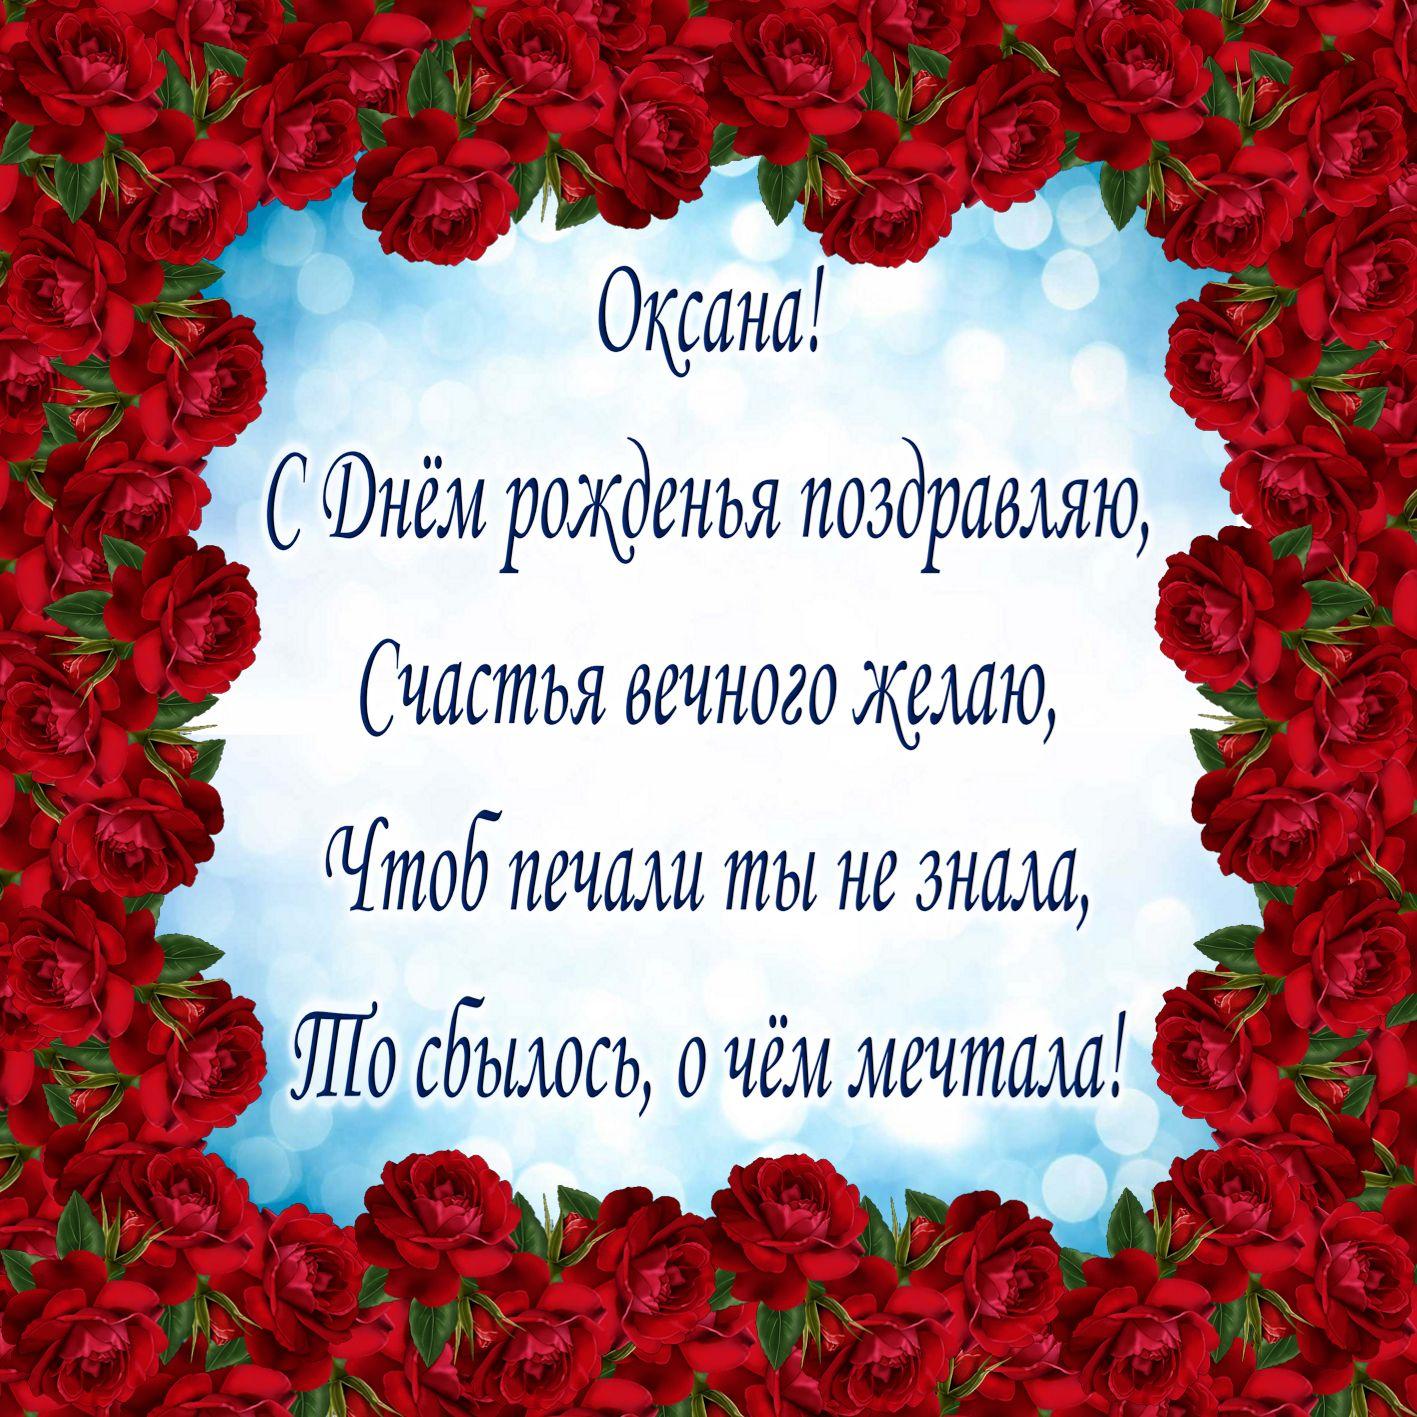 Открытка на День рождения Оксане - поздравление в рамке из красных роз